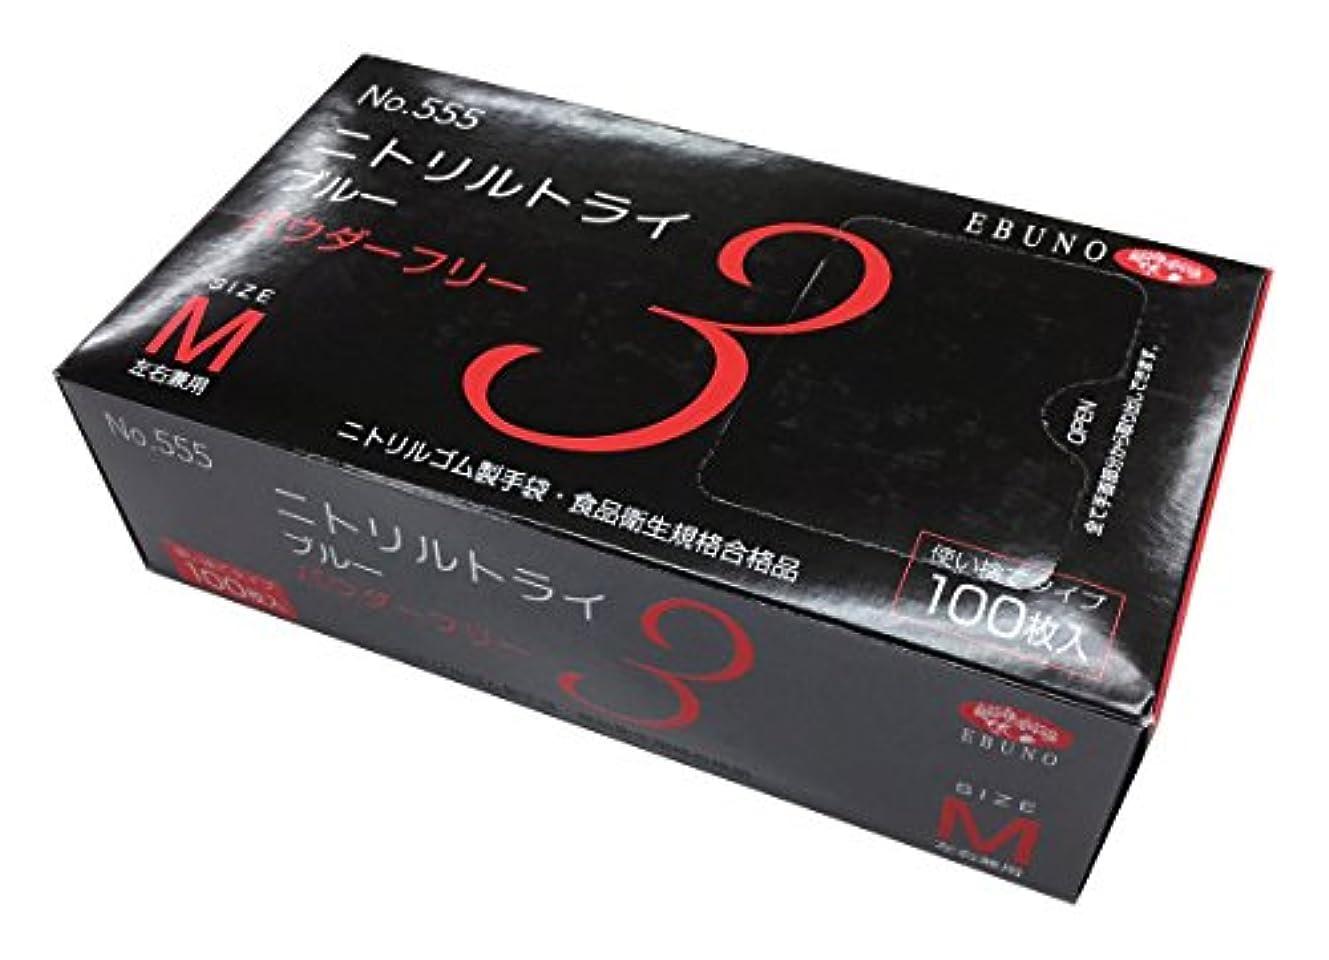 オフセットビーズステンレスニトリルトライ3 No.552 ホワイト 粉付 Lサイズ 100枚入